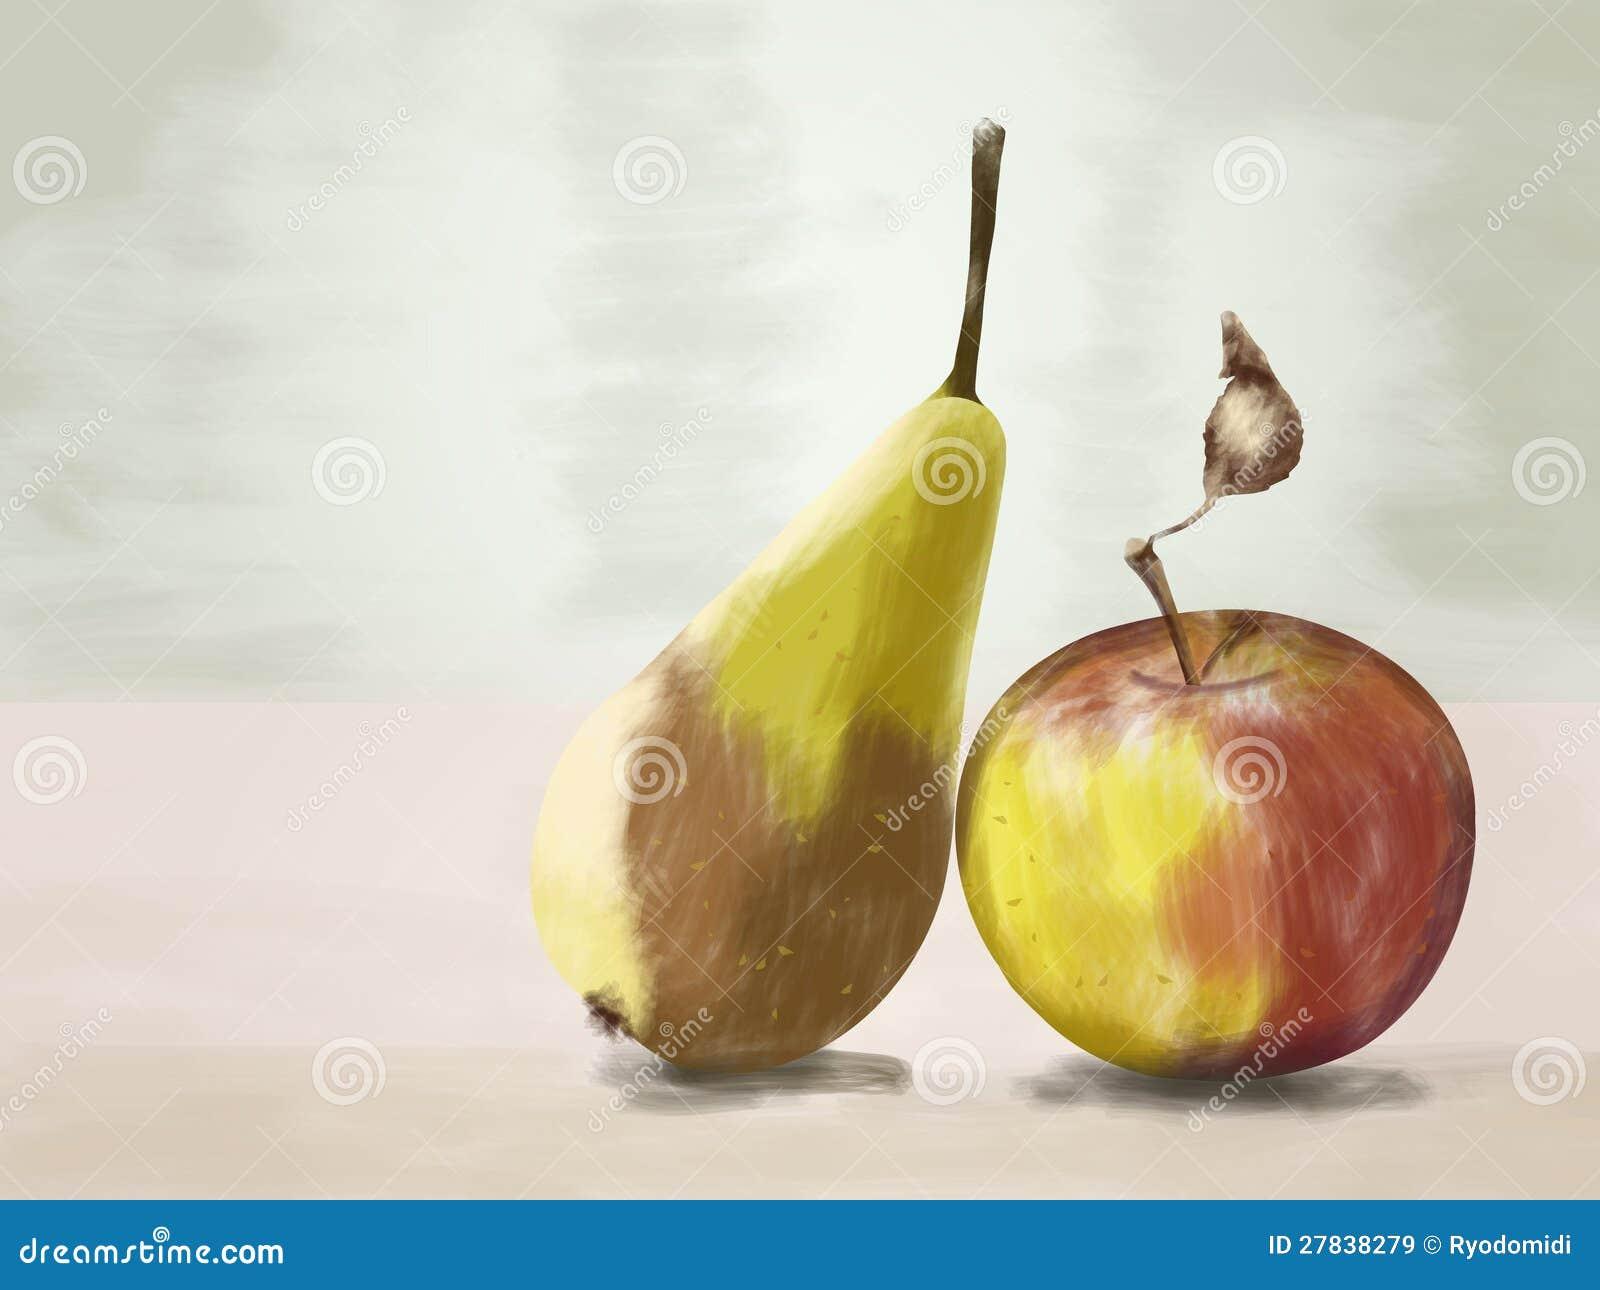 эскиз яблока: